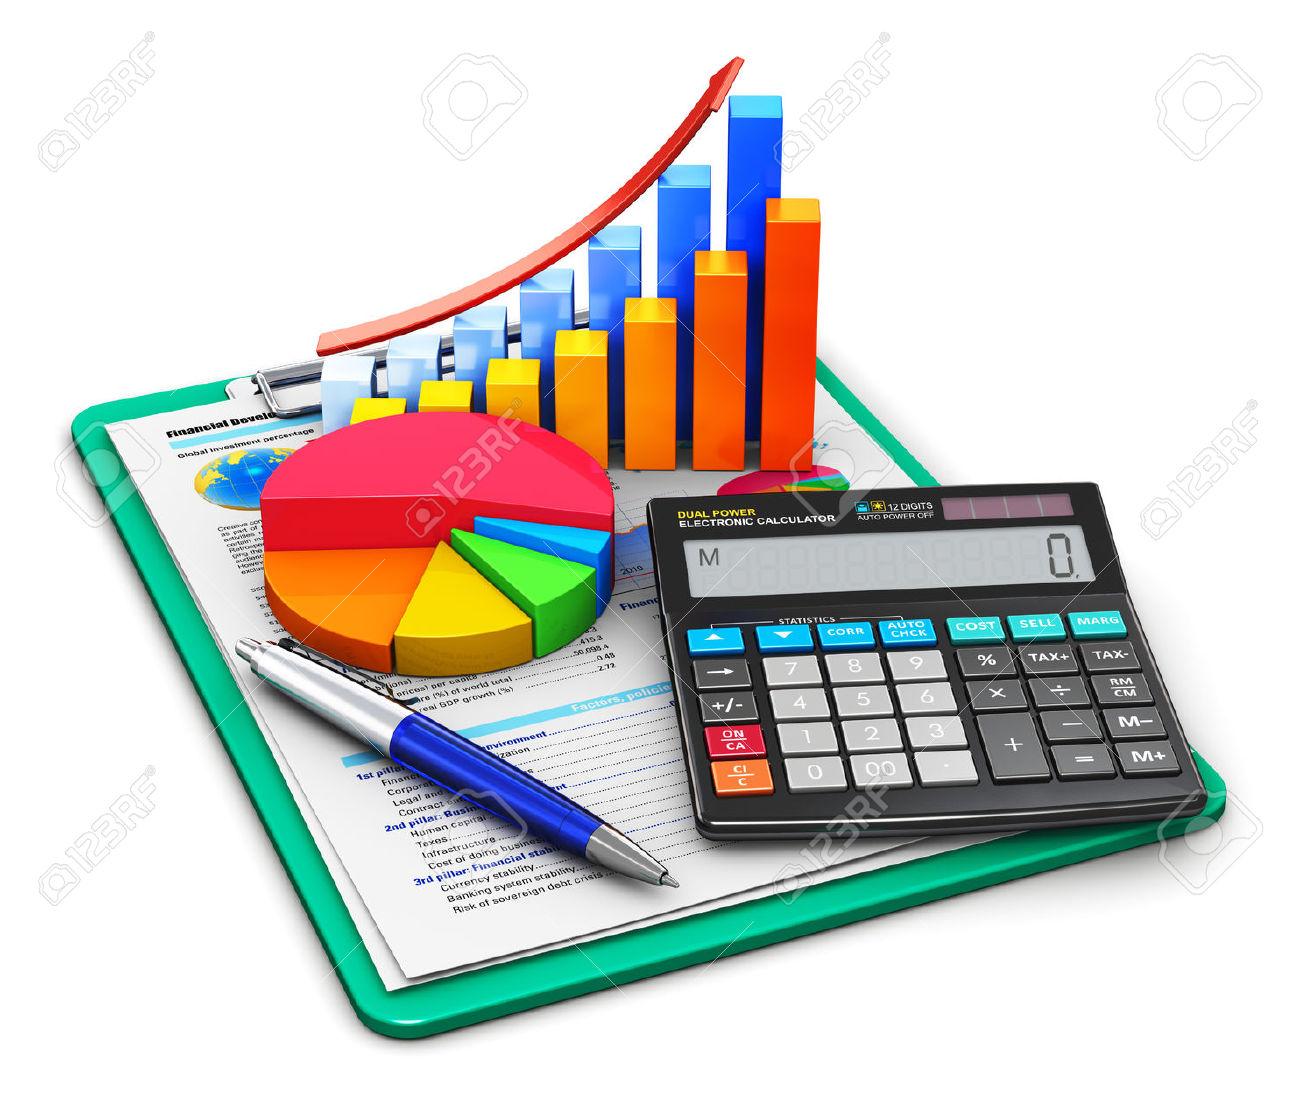 बैंक तथा वित्तीय संस्थाको चाैथाे त्रैमासकाे वित्तीय विवरण प्रकाशनमा यसकारण हुँदैछ ढिलाई